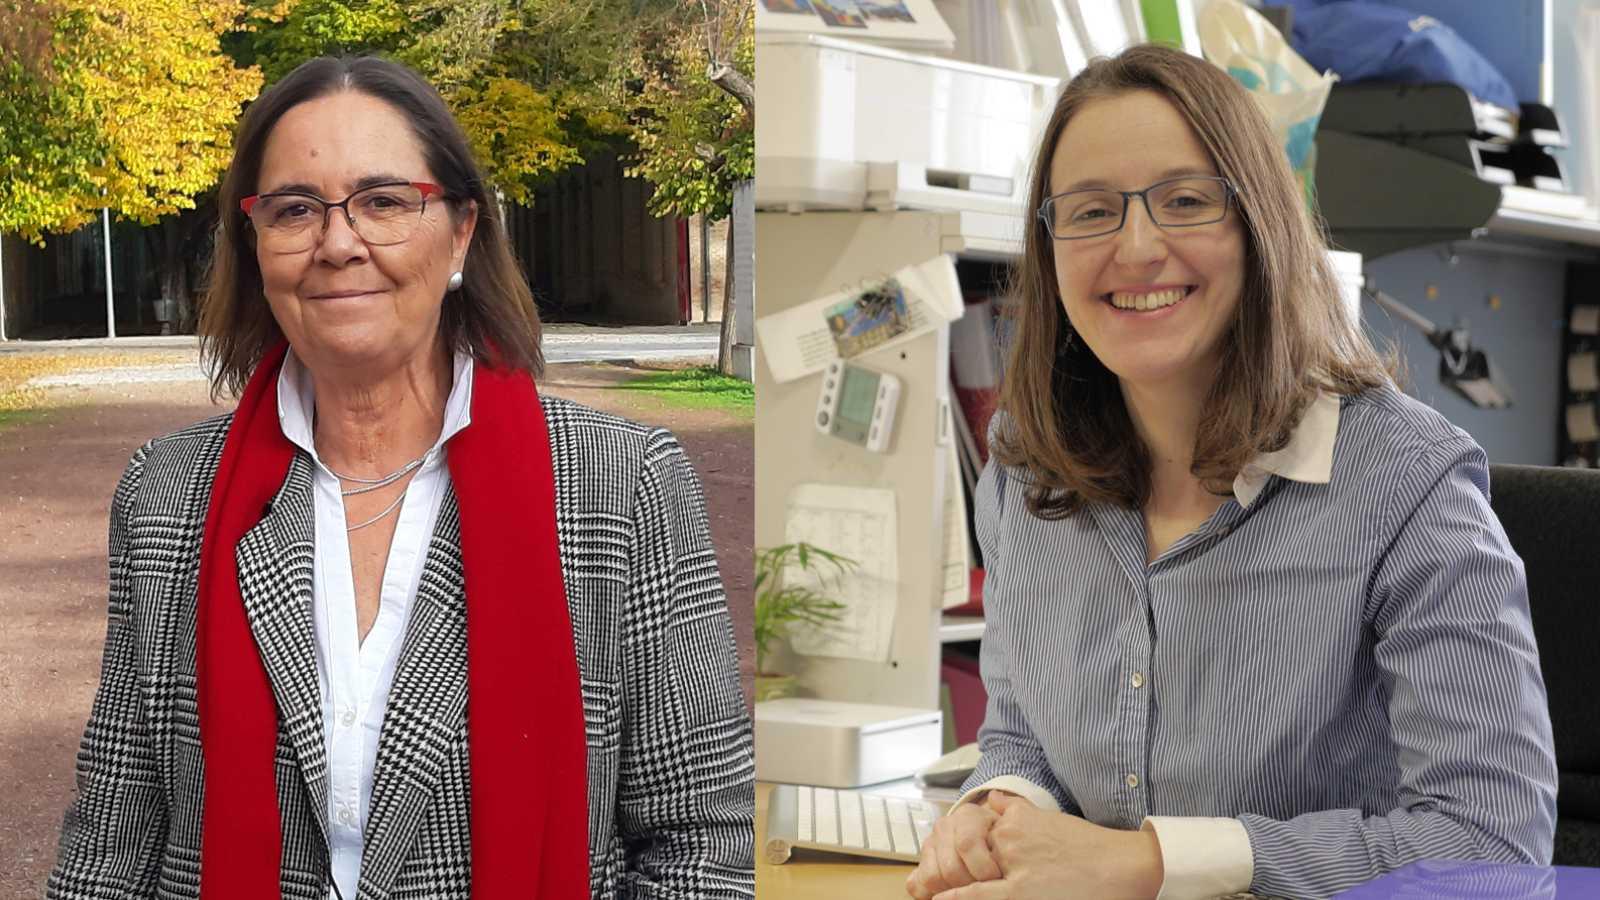 Punto de enlace - Día Internacional de la Mujer y la Niña en la Ciencia - 11/02/20 - escuchar ahora